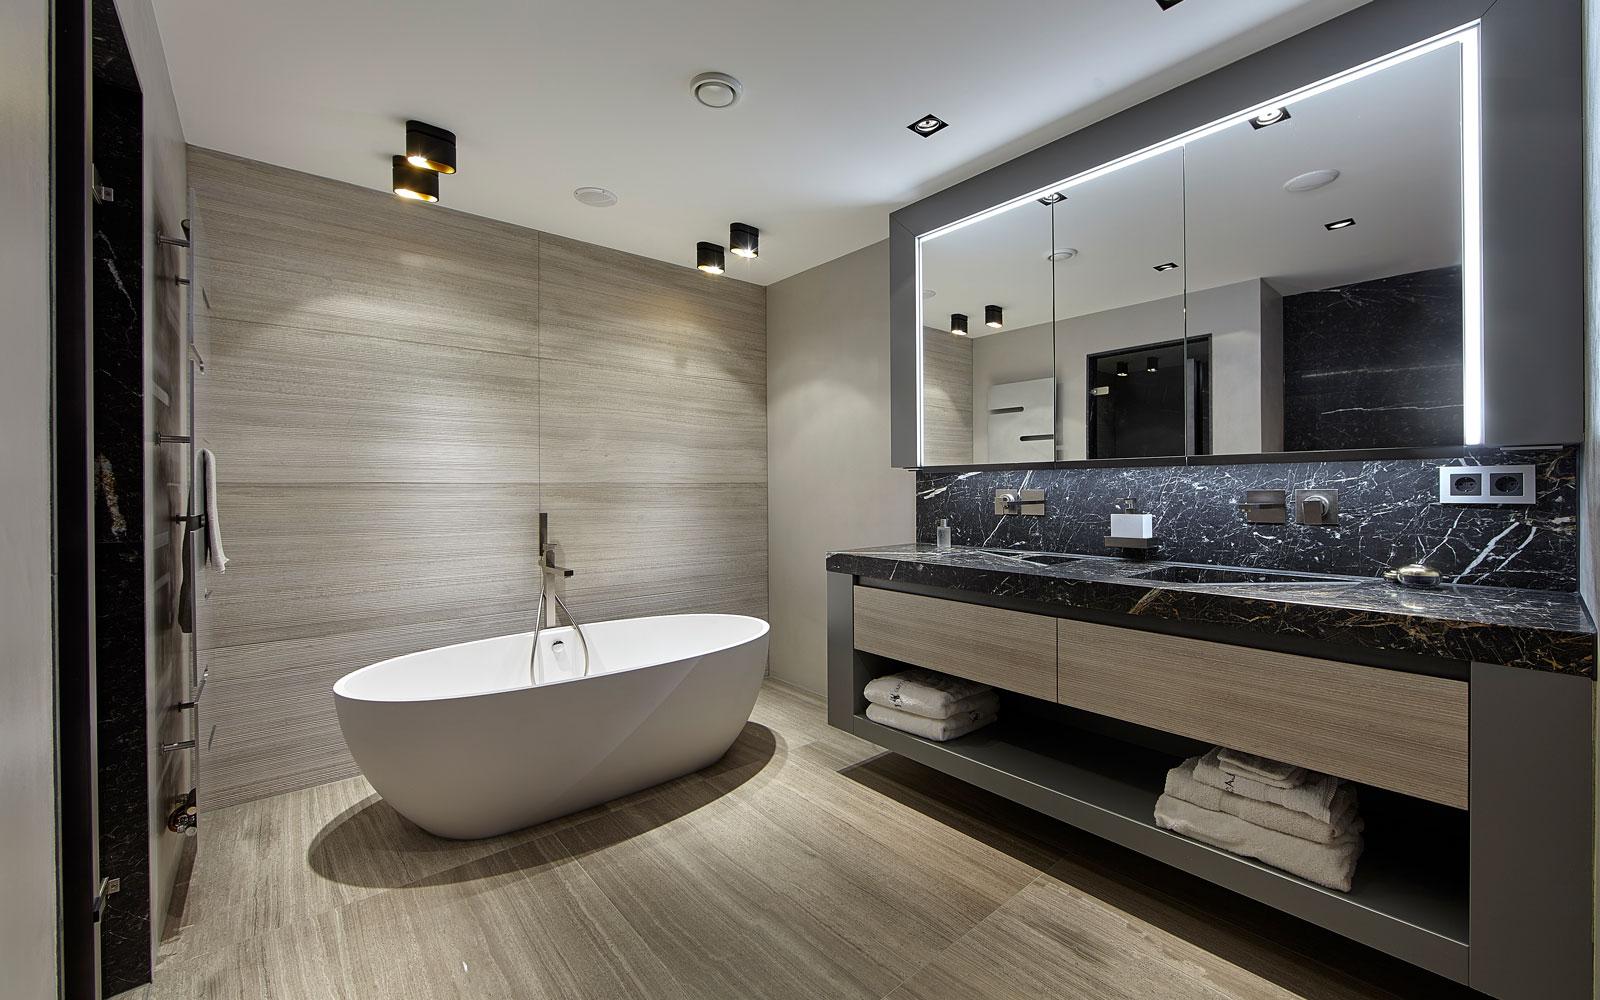 Badkamer, vrijstaand bad, bad, wastafel, spiegels, marmer, penthouse, Eric Kant